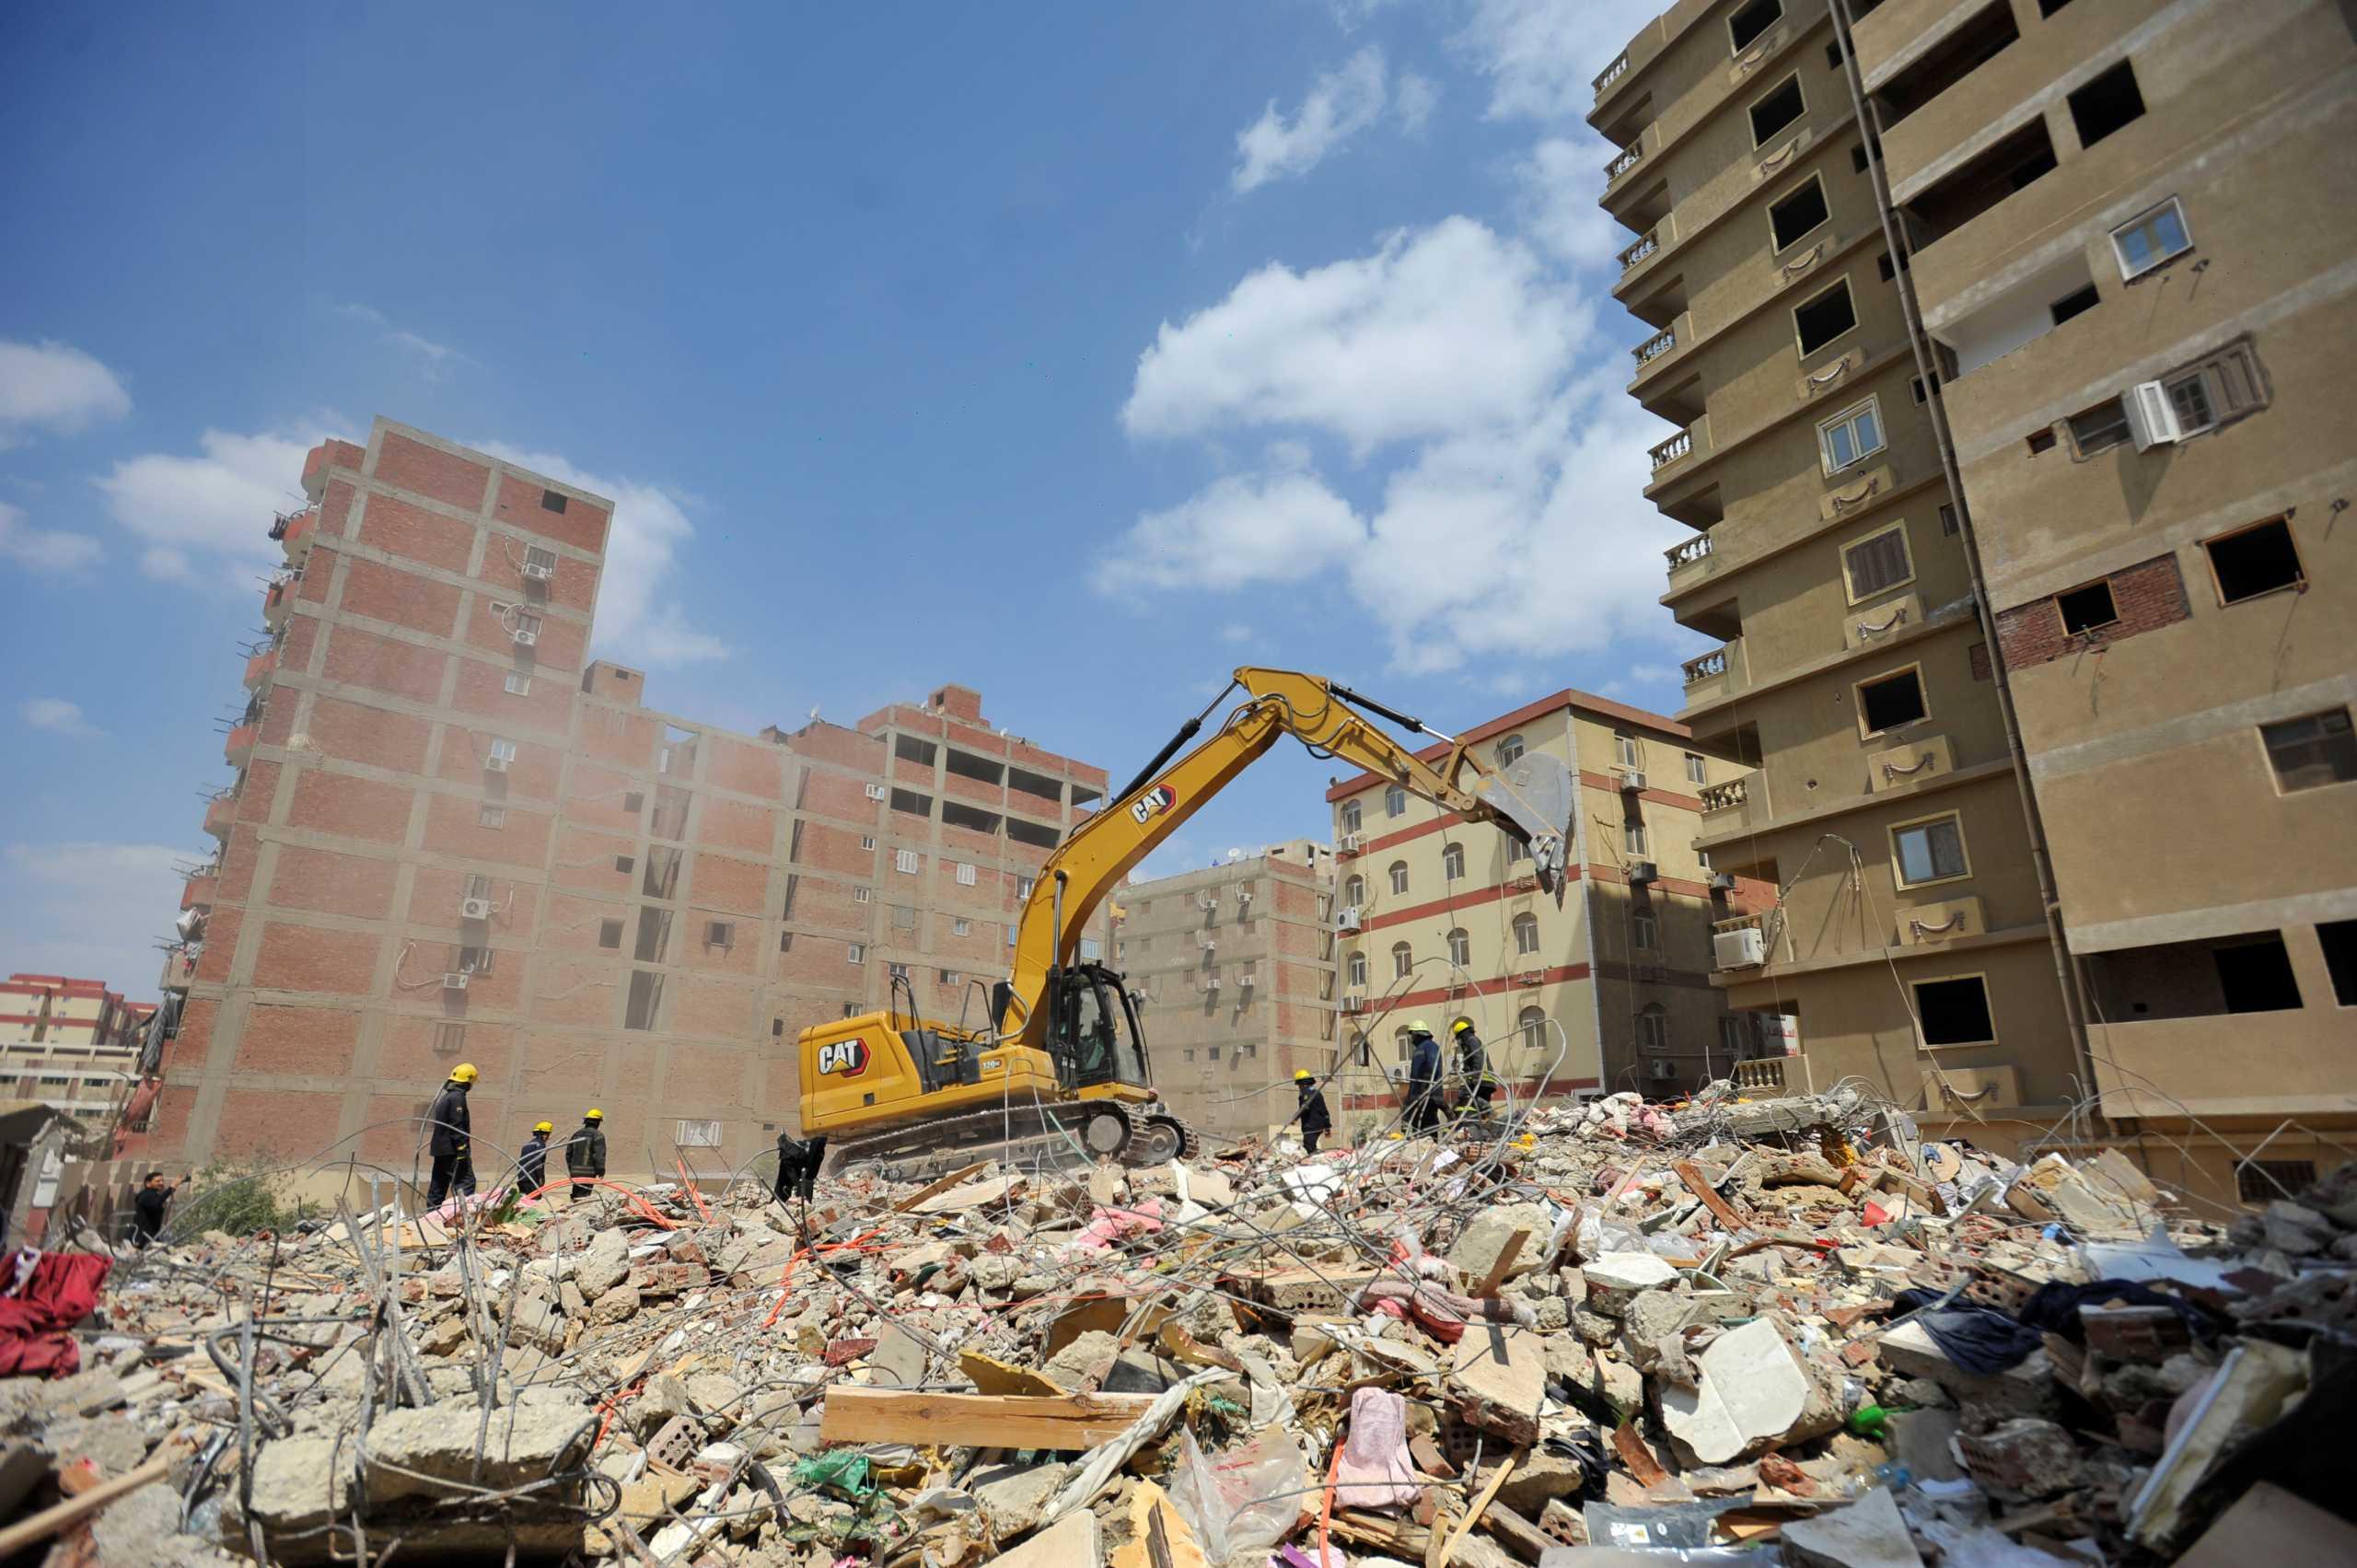 Αίγυπτος: Τους 16 έφτασαν οι νεκροί από την κατάρρευση δεκαώροφου κτιρίου στο Κάιρο